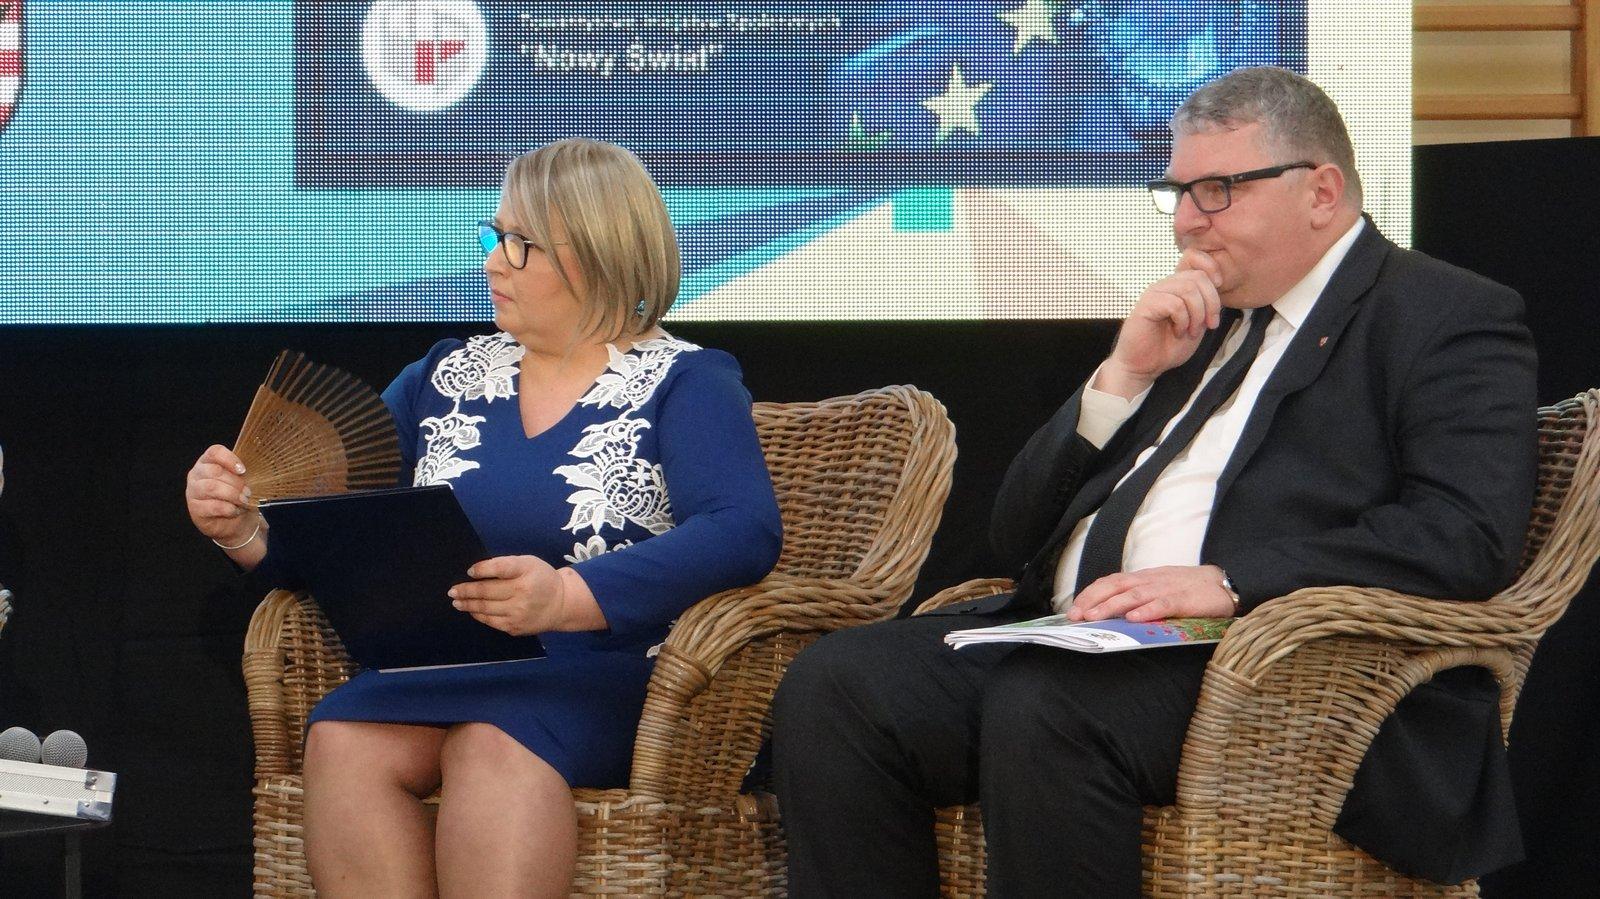 dsc09493 - Wielkopolska zaradność i pracowitość doceniona na Forum Wielkopolskiej Wsi Europejskiej